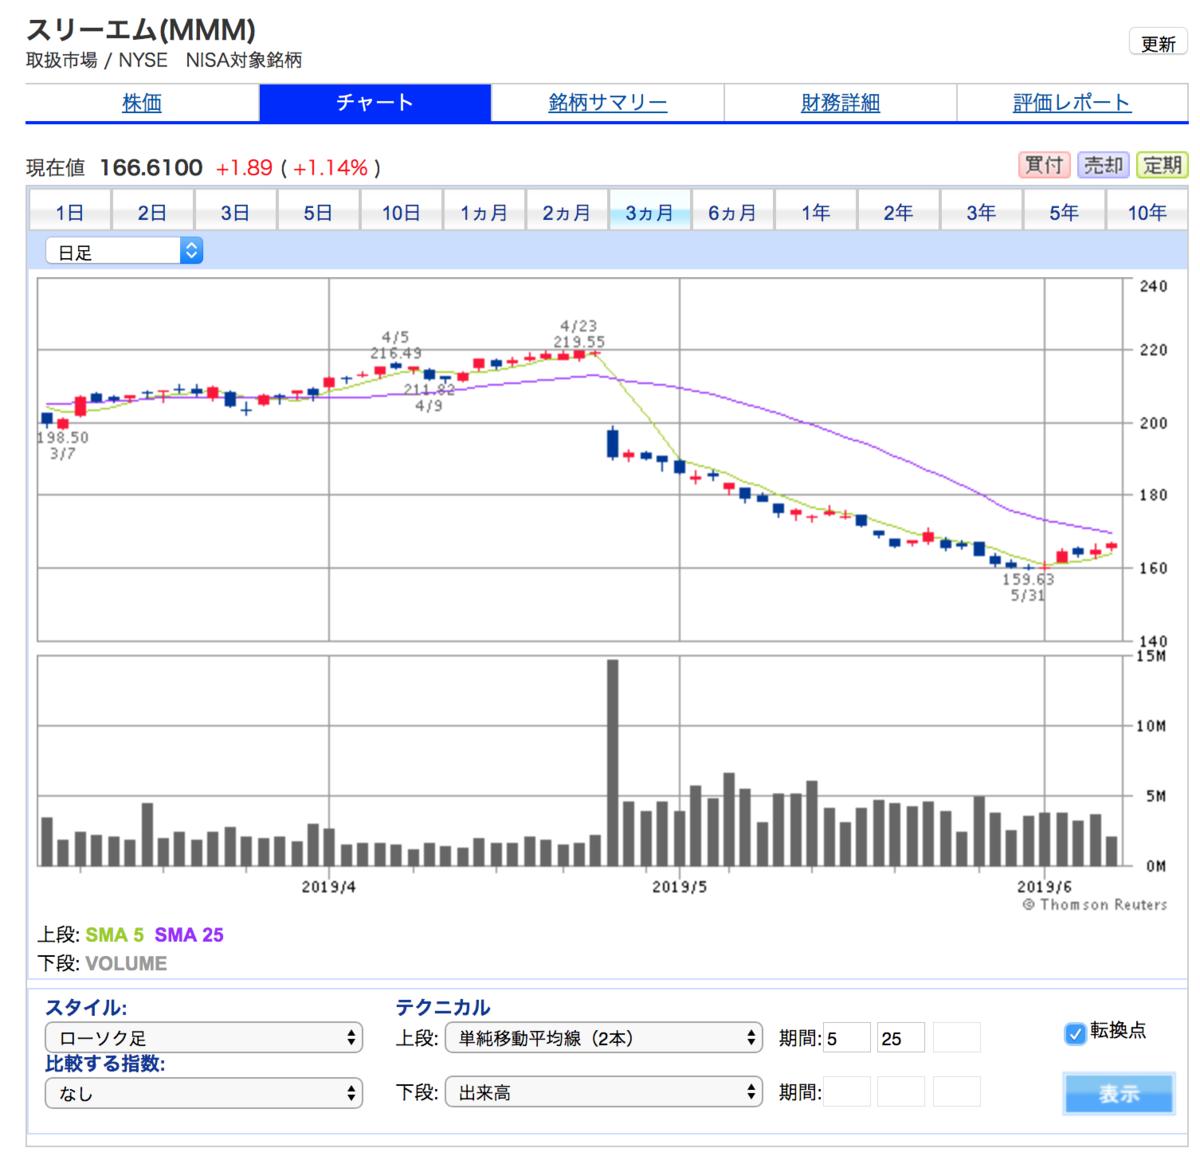 スリーエム(MMM)の3ヶ月株価チャート(株価下落が落ち着いたようにみえる)